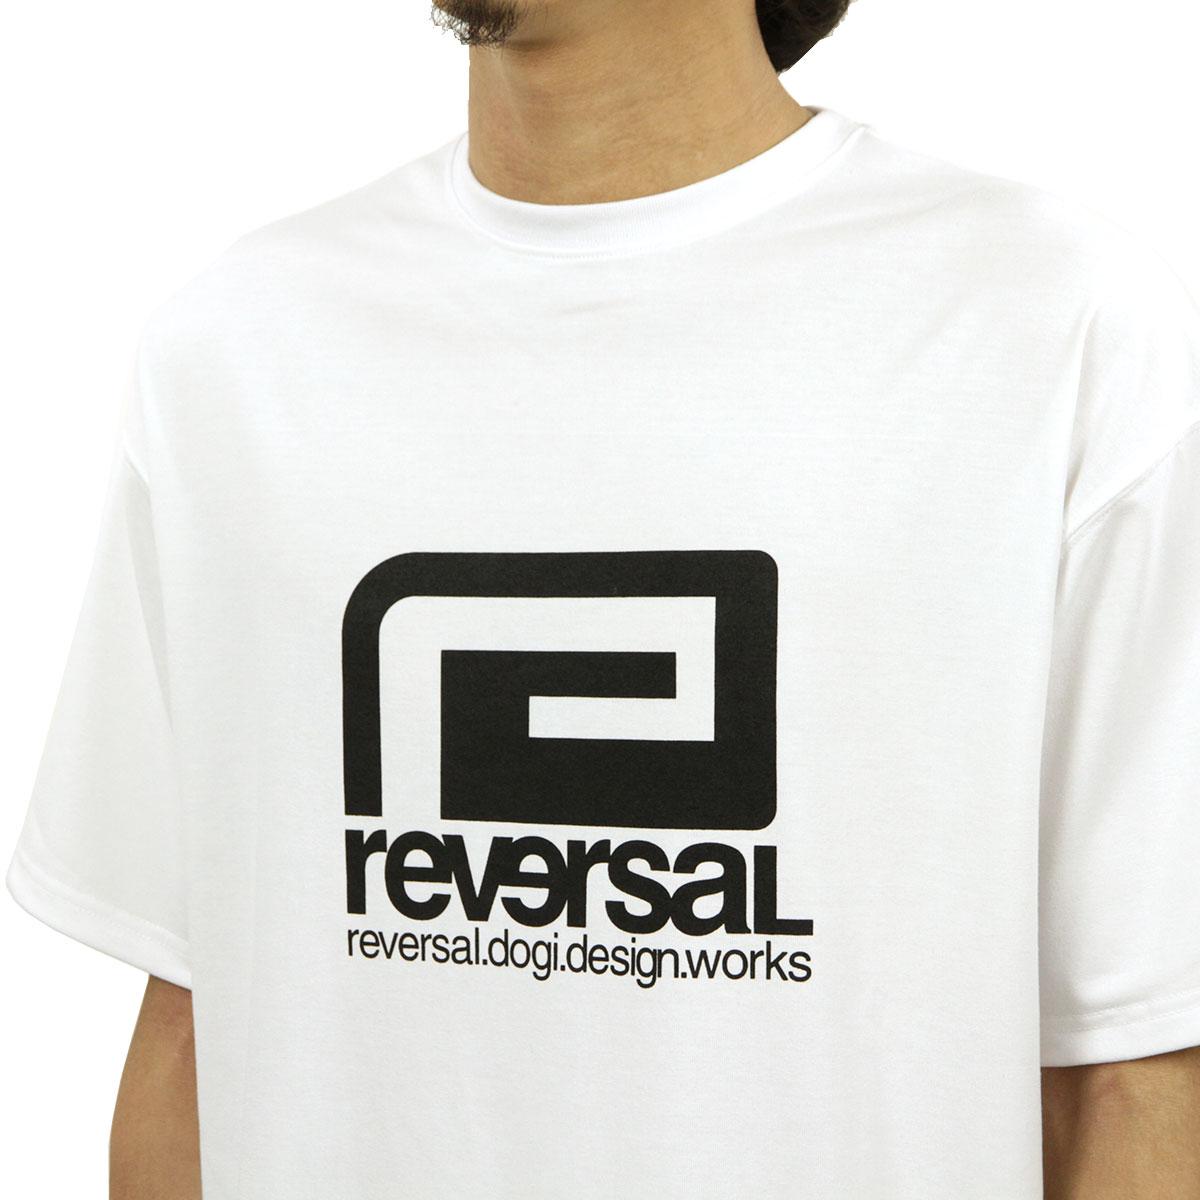 reversal_13